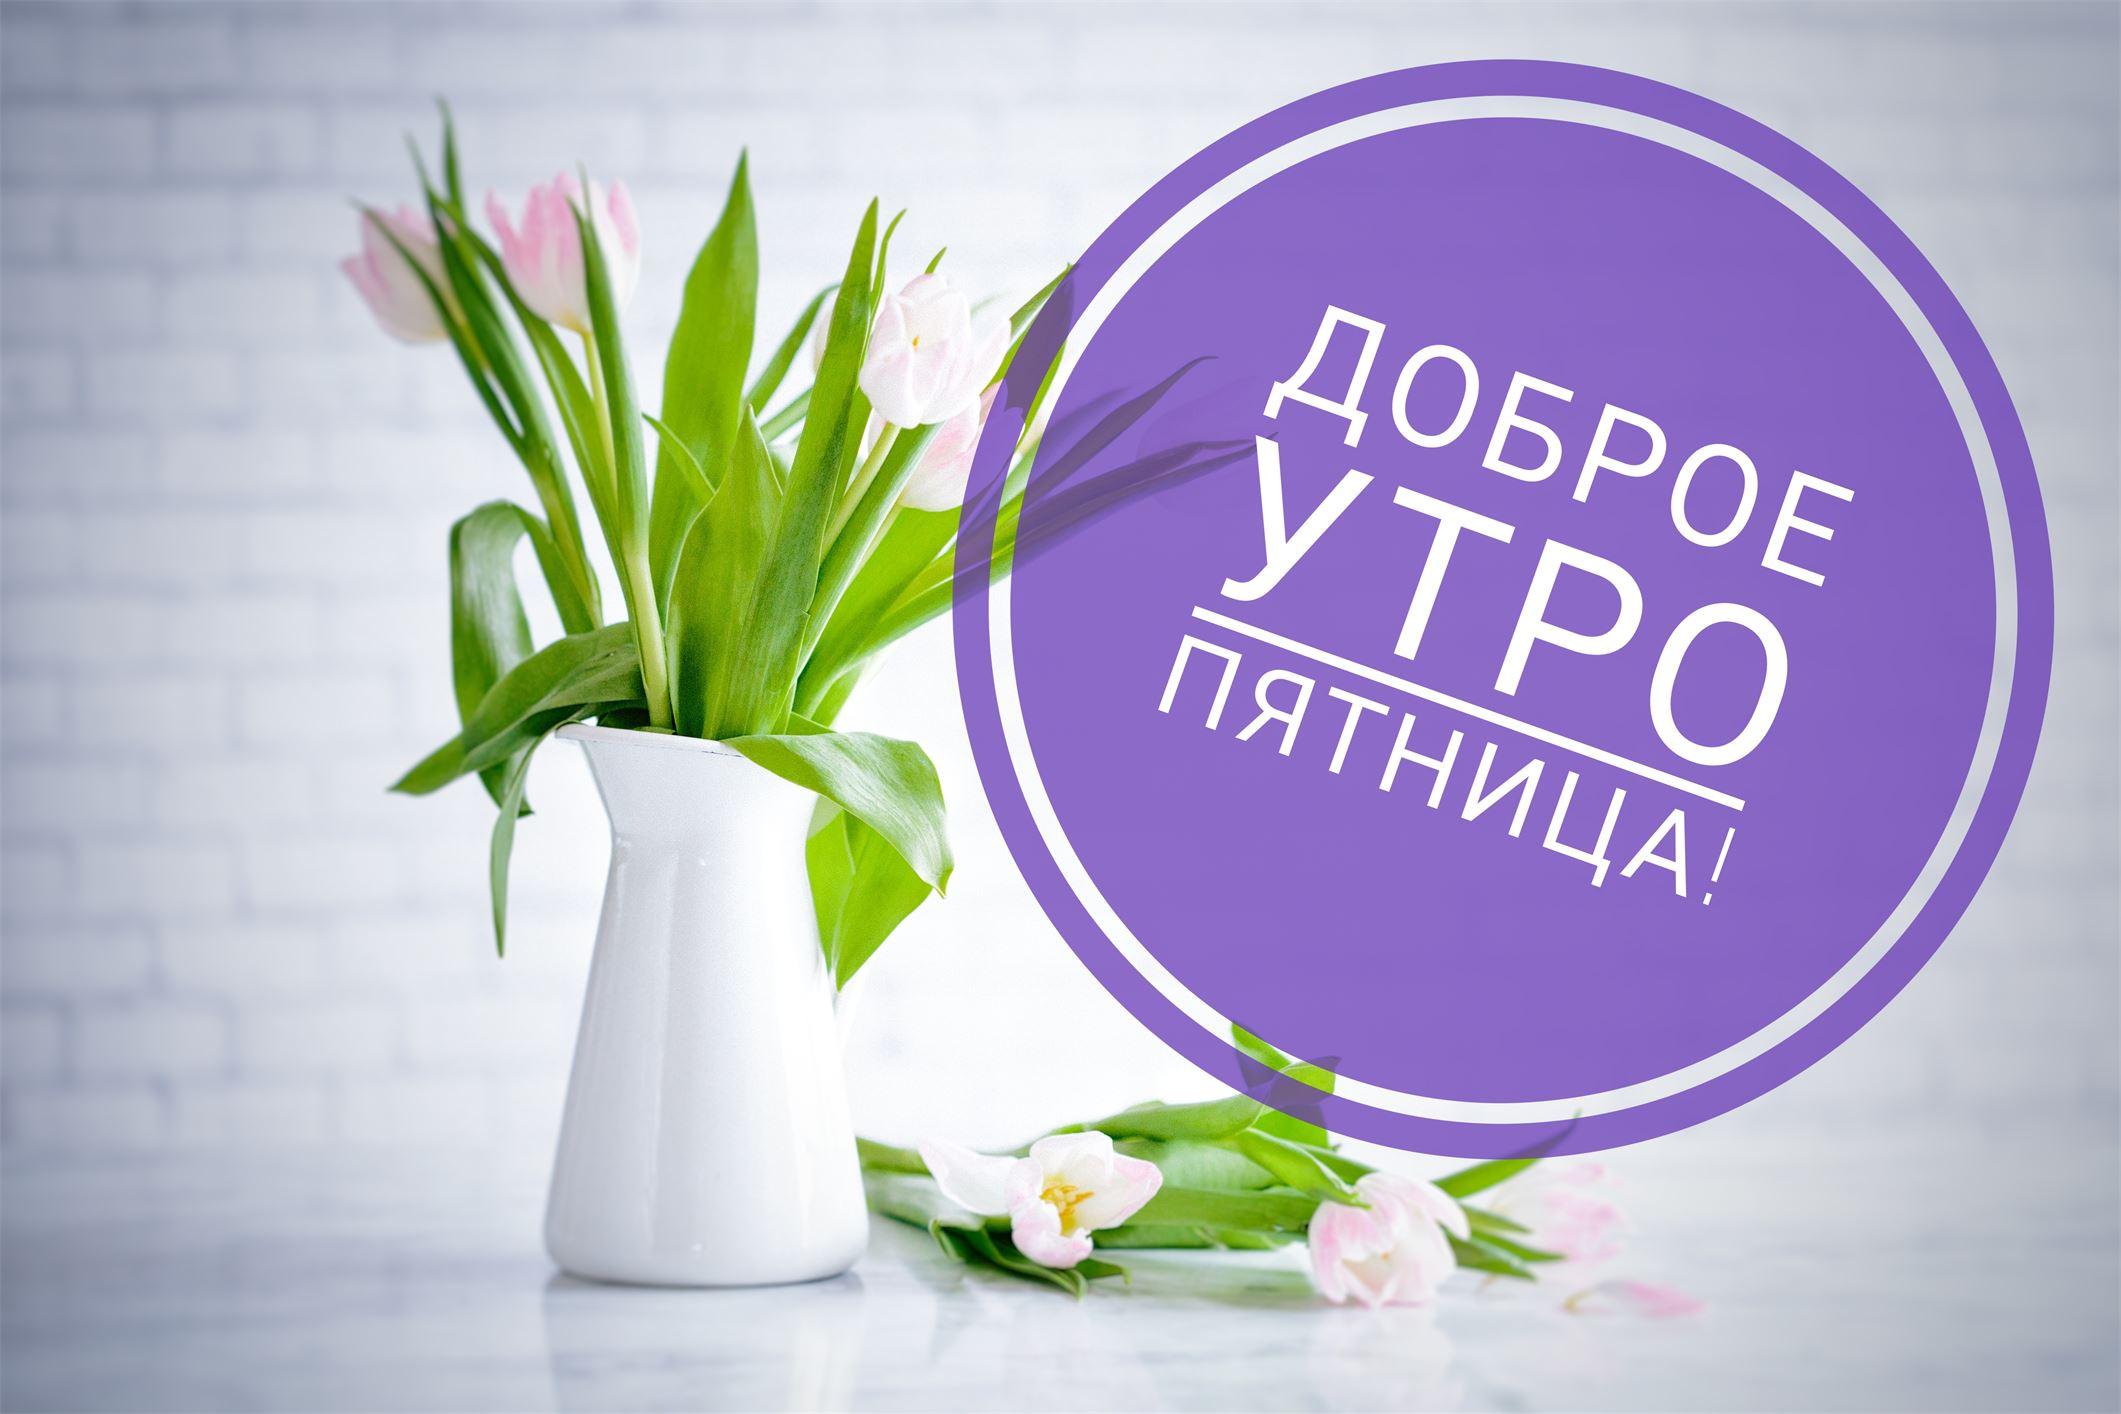 https://funpick.ru/wp-content/uploads/2018/02/3c13892b4c7373af0d4e4fc23f13d961.jpg